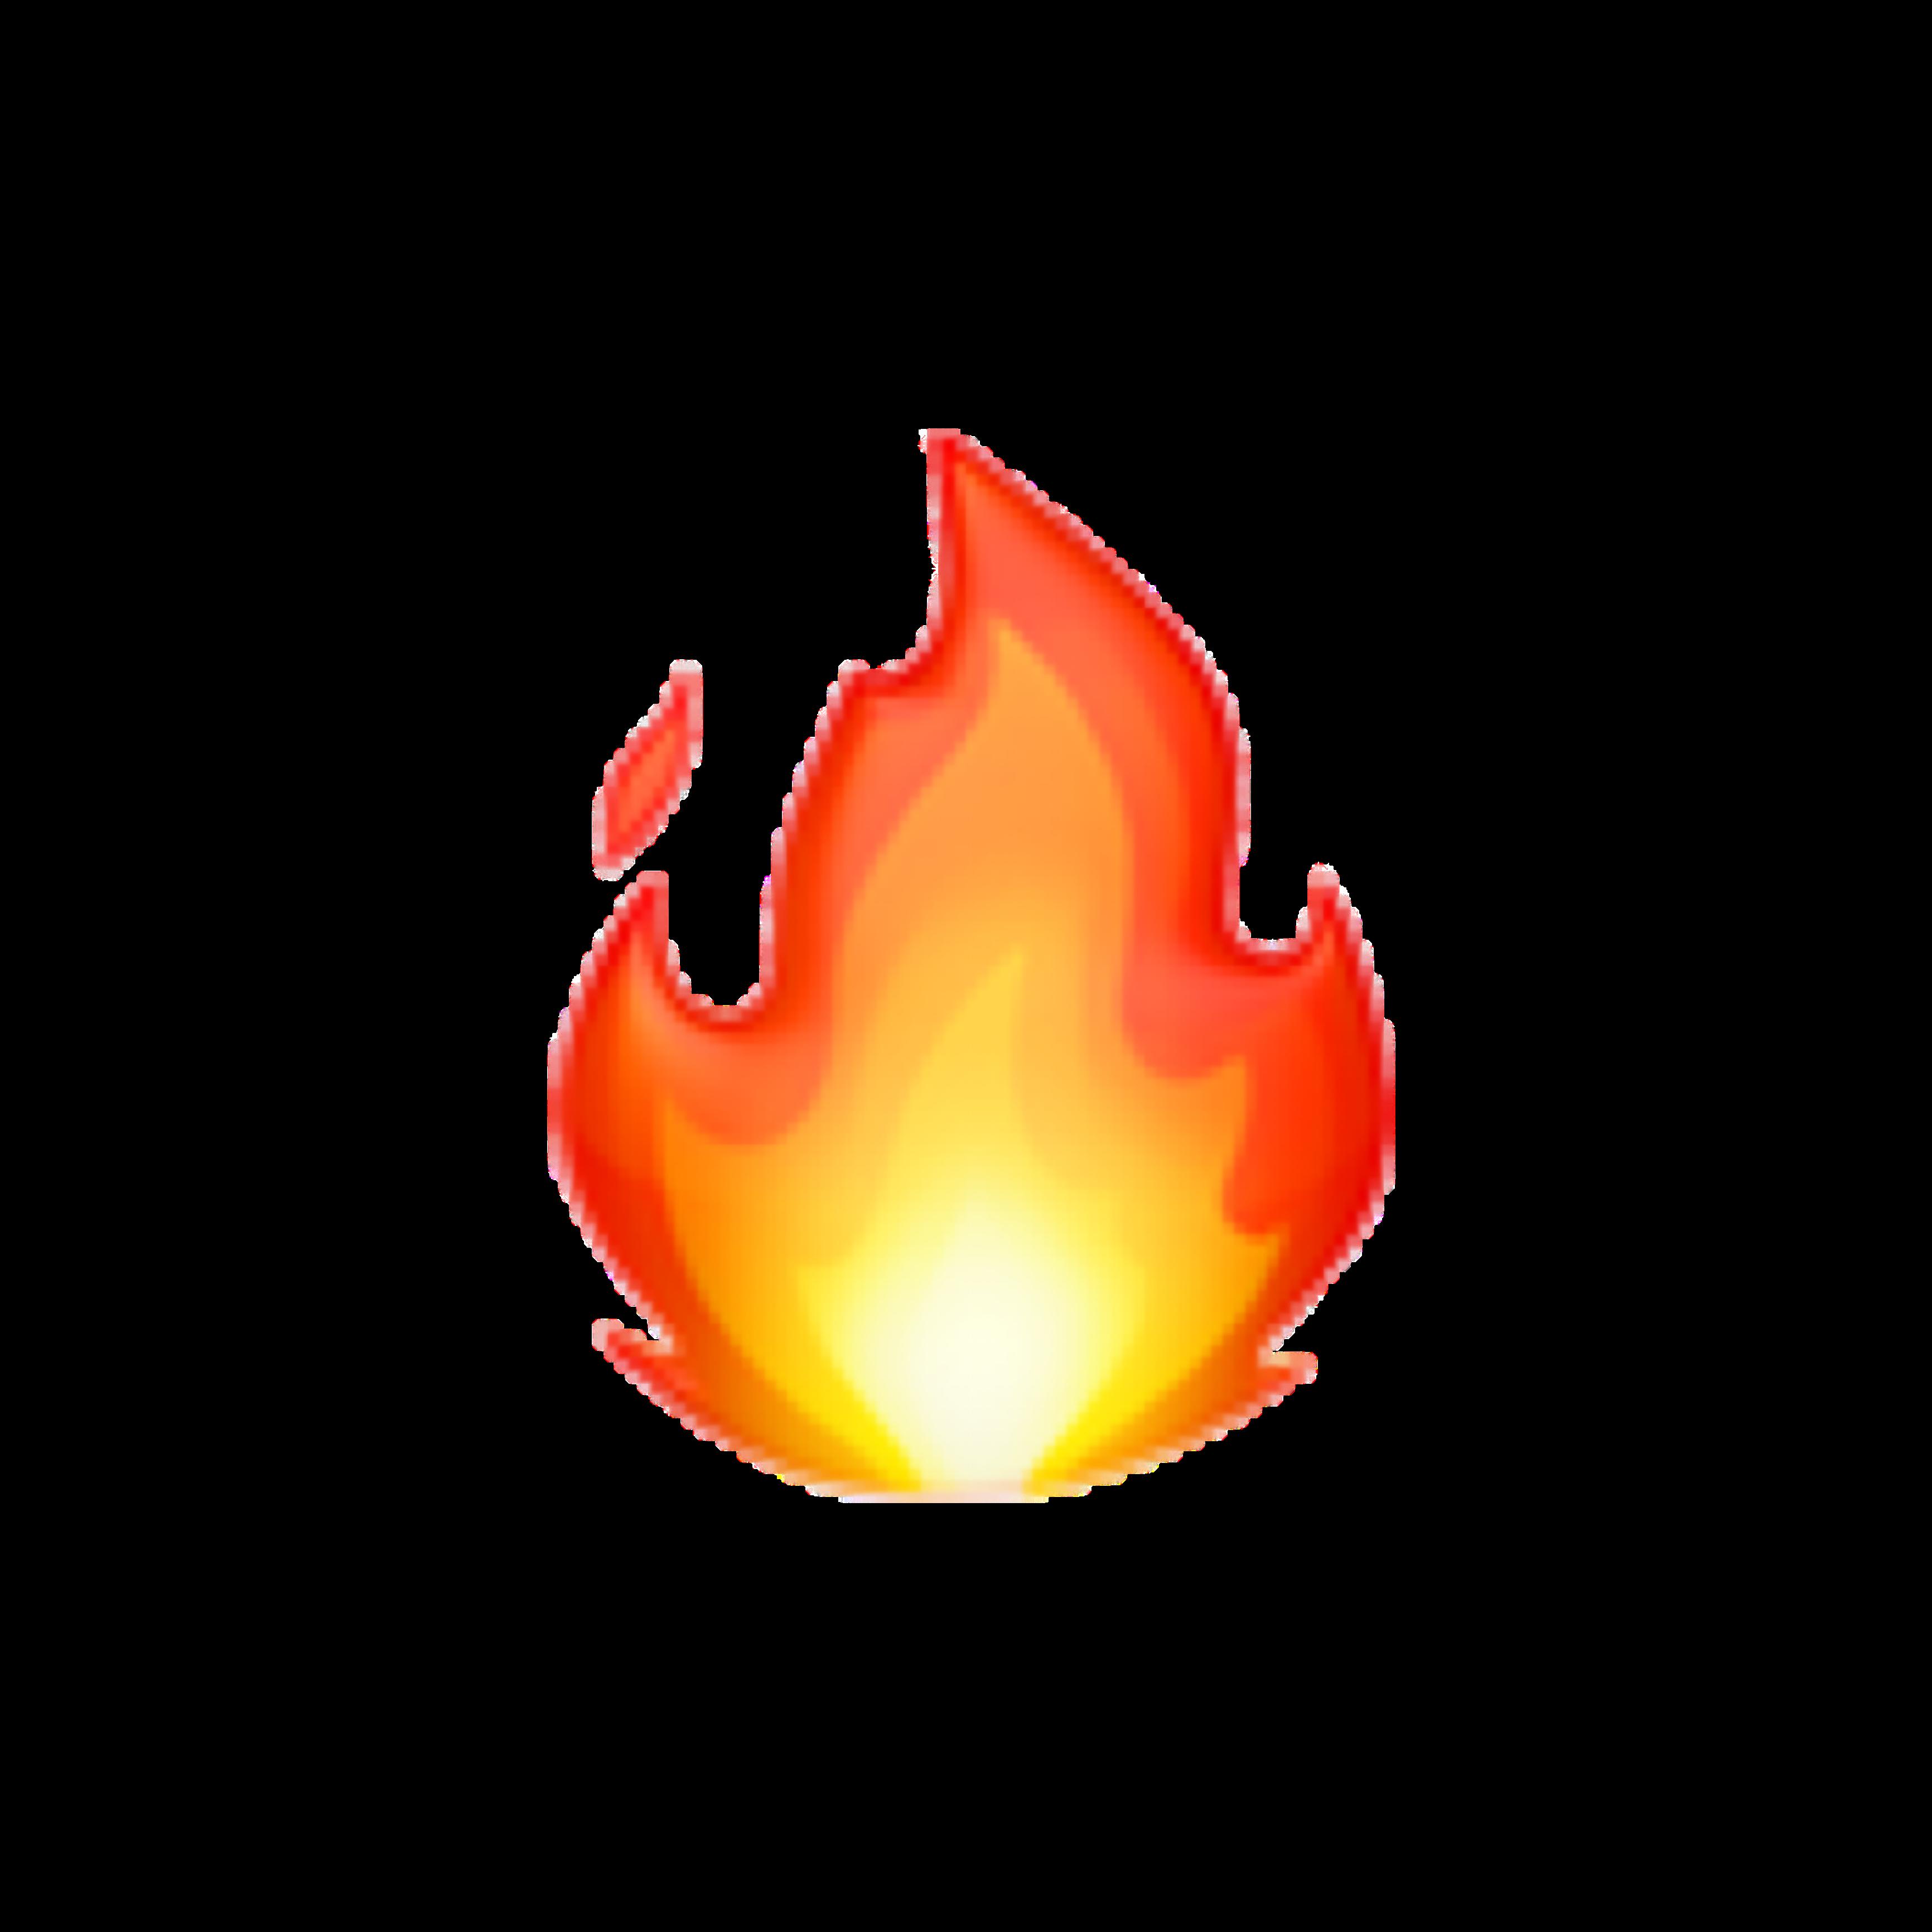 emoji iphone iphoneemoji fire fireemoji freetoedit